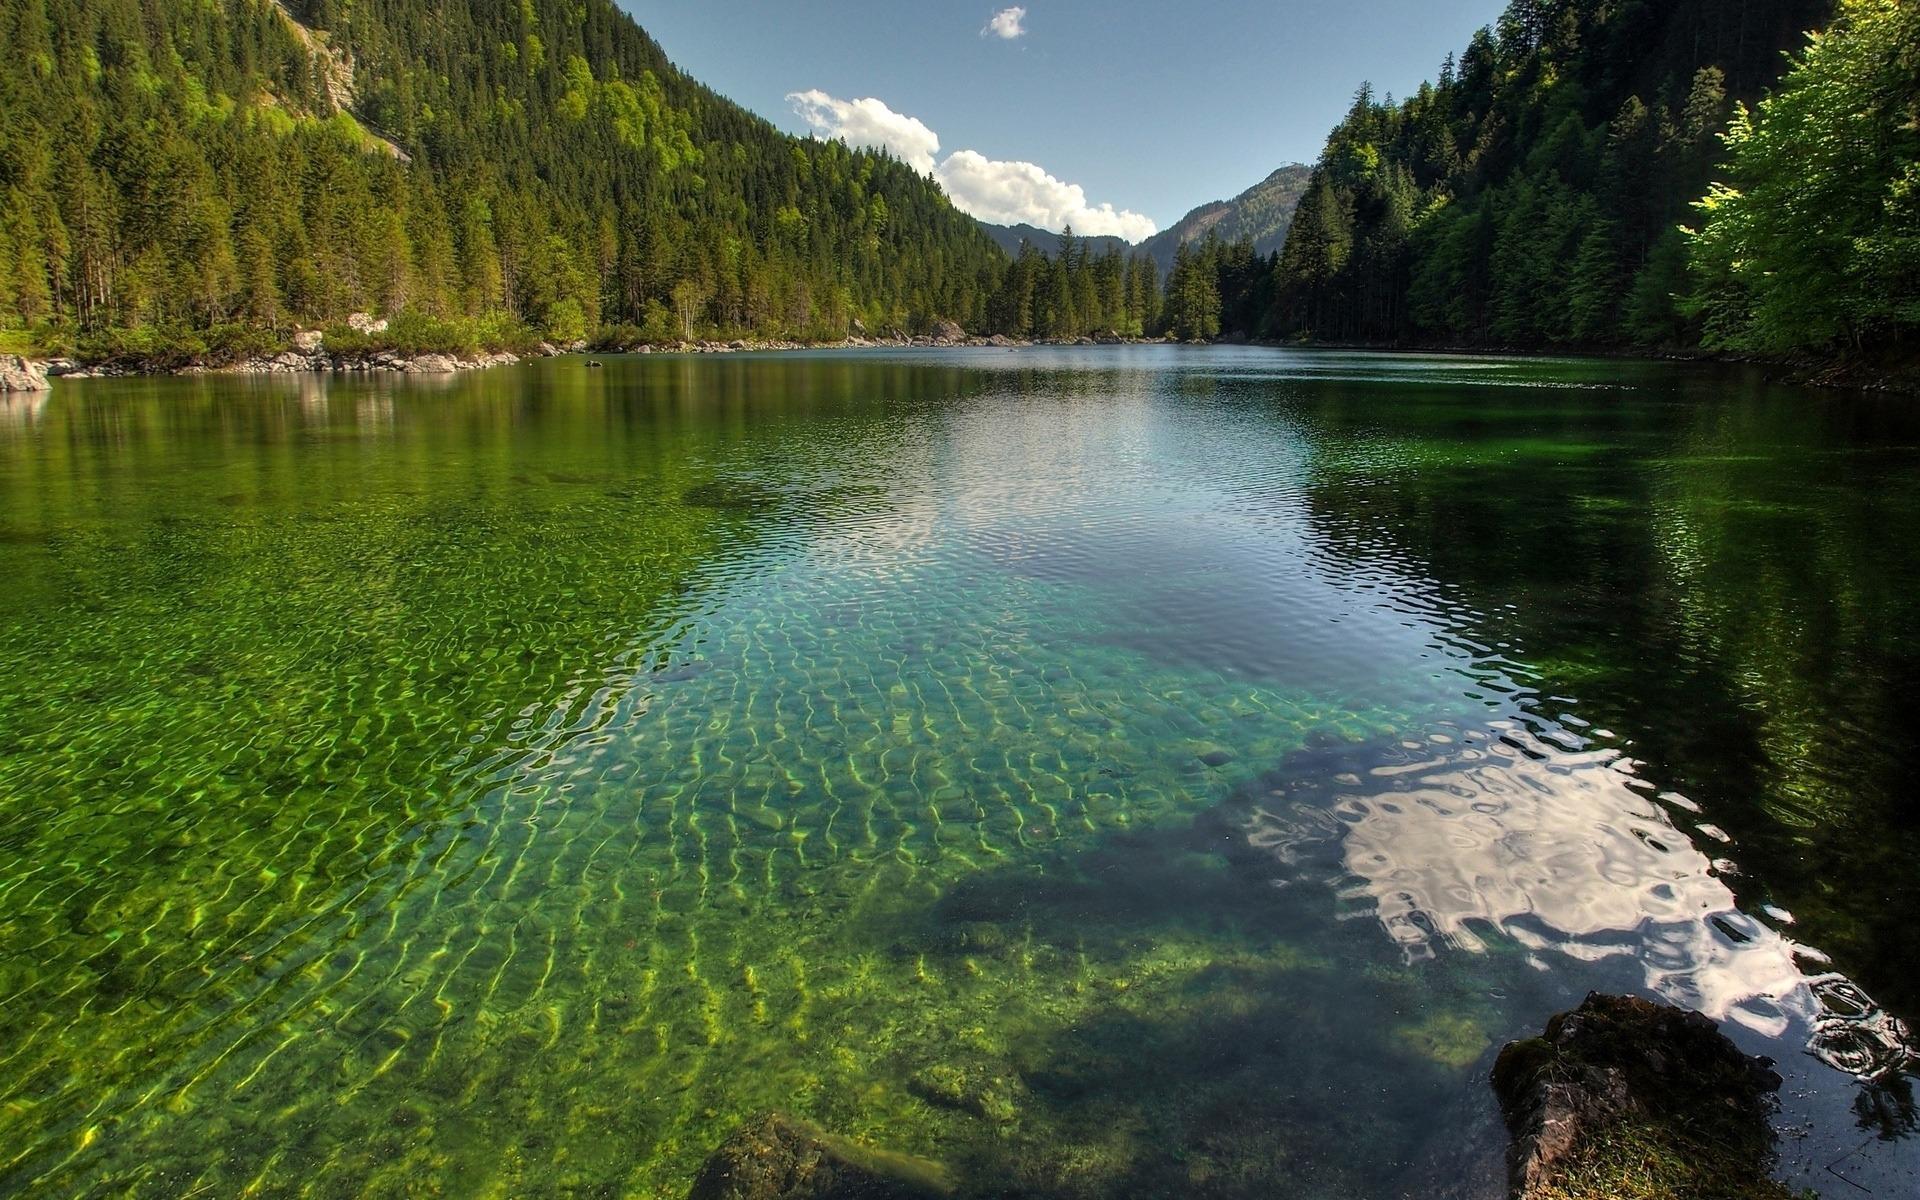 清水水晶湖-摄影HDR壁纸预览